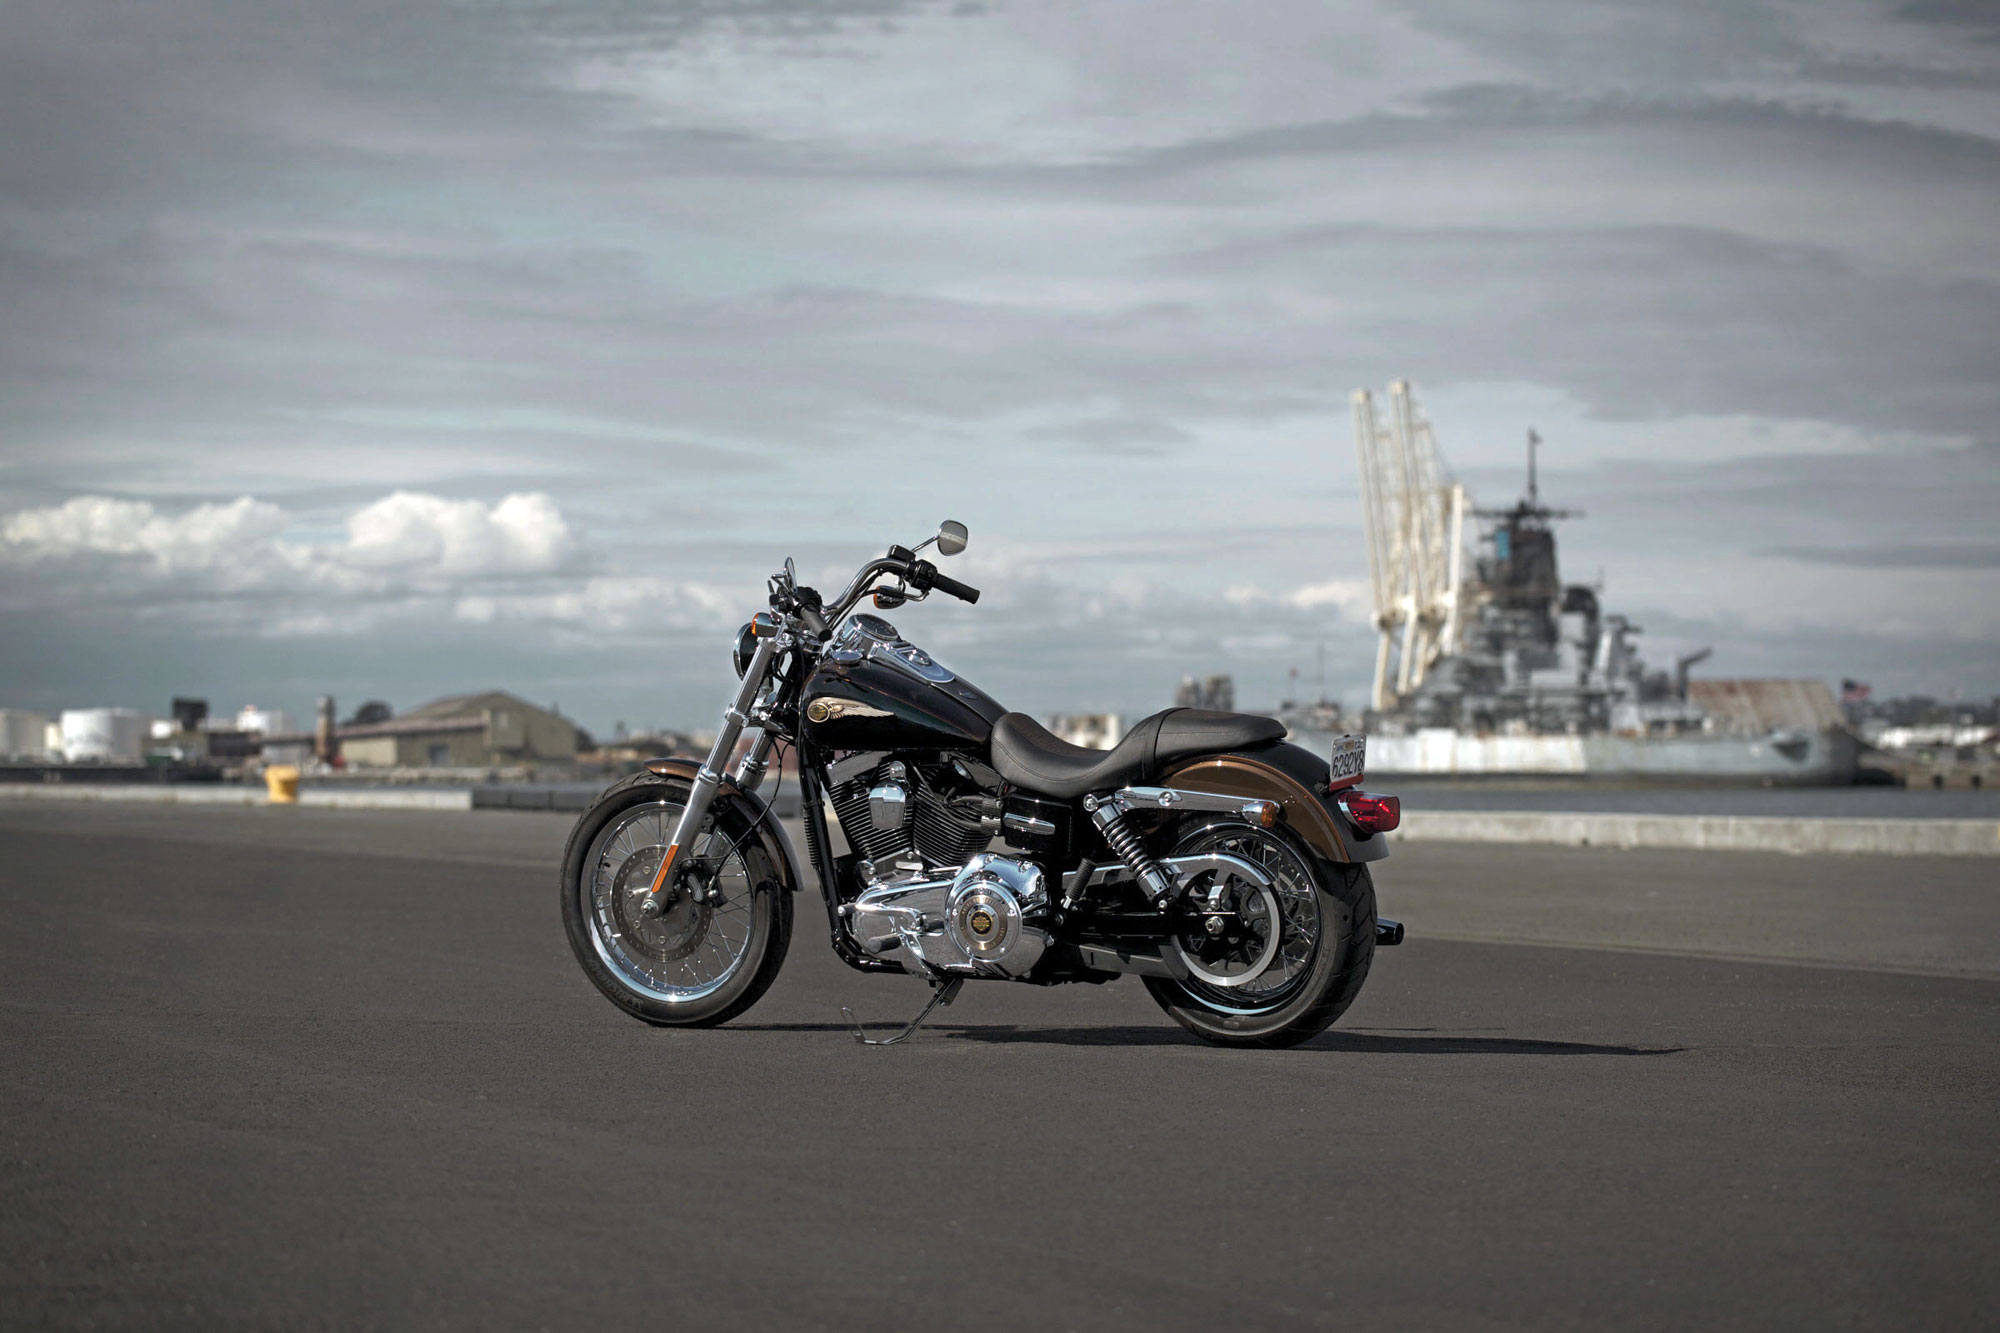 Harley Davidson Dyna Super Glide Sport Wallpaper